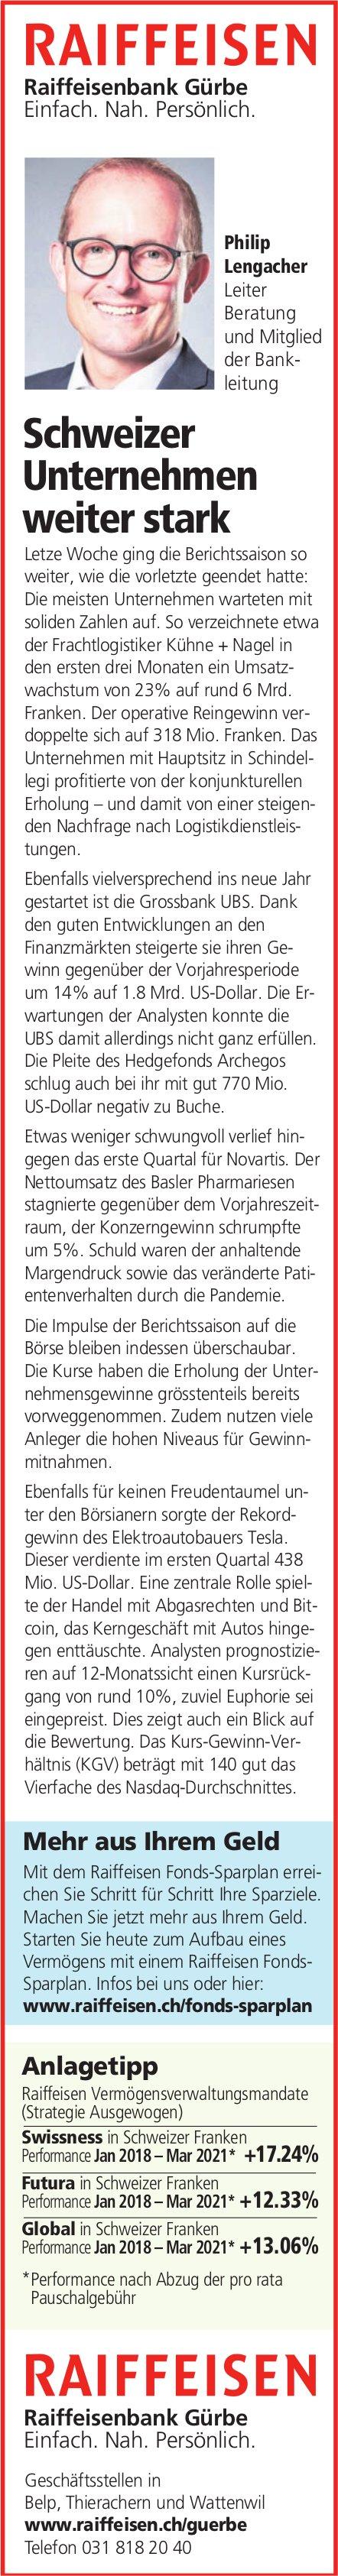 Raiffeisenbank Gürbe -  Schweizer Unternehmen weiter stark